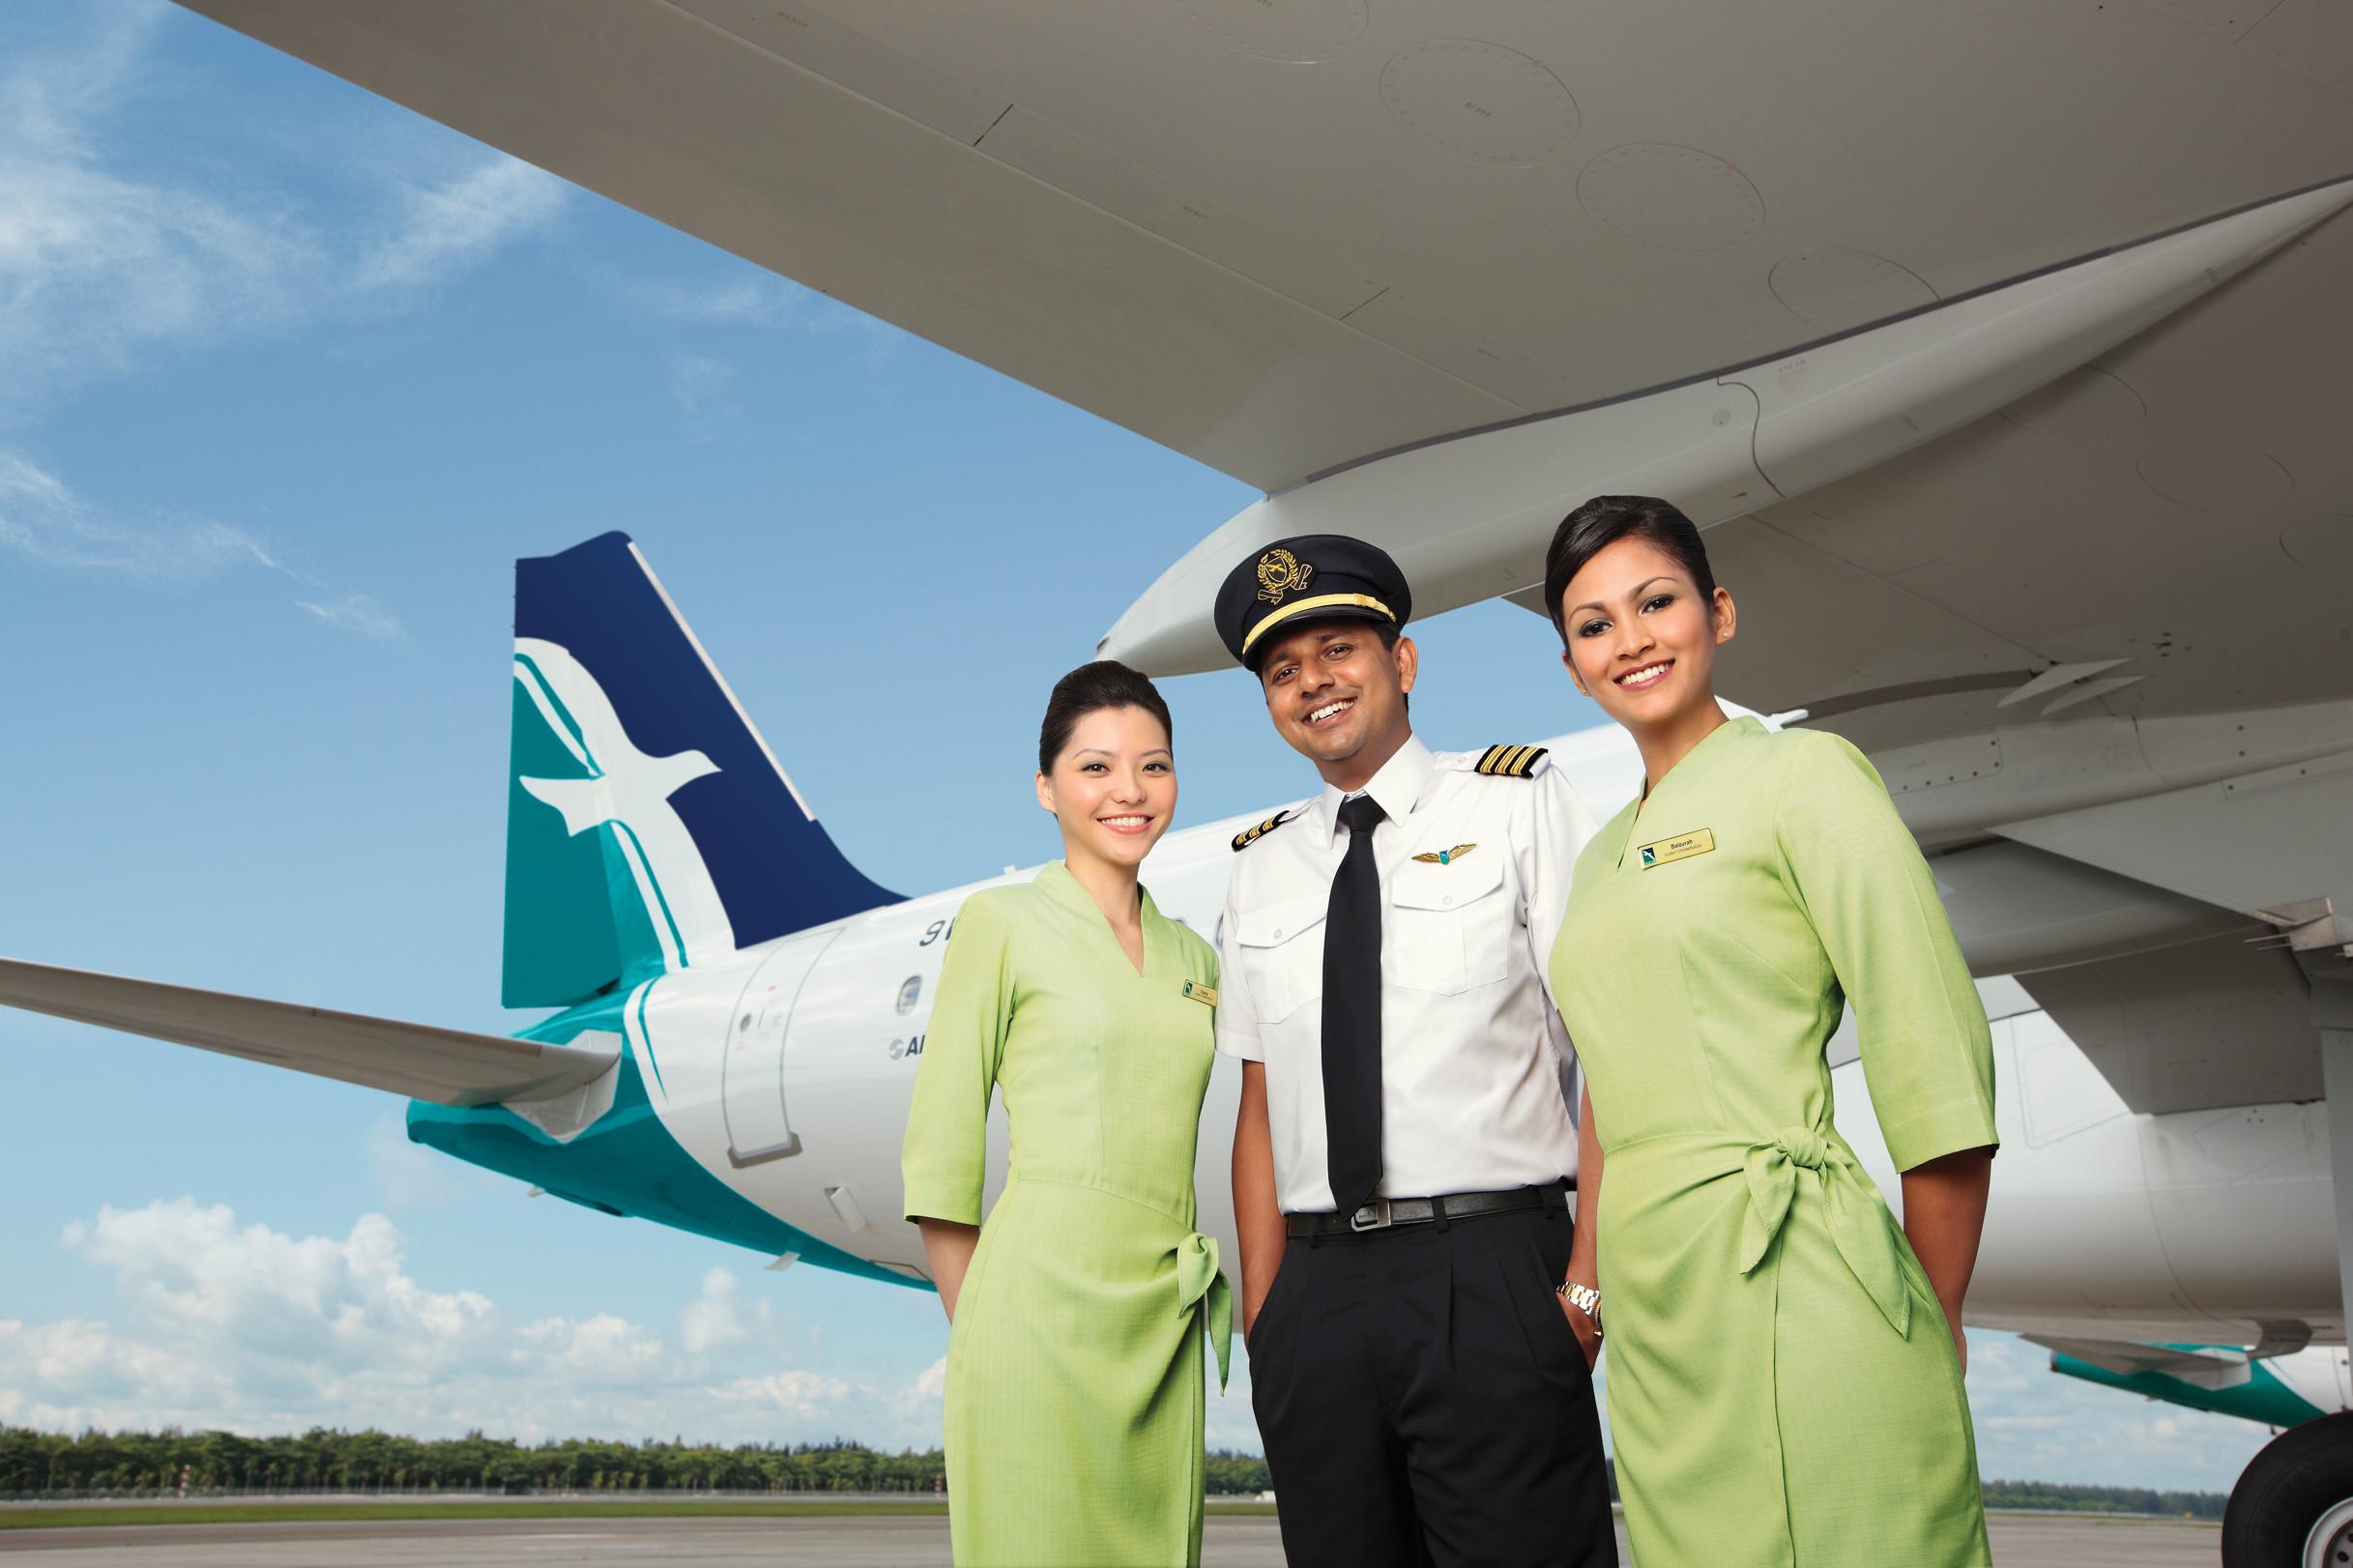 Bienvenida a los futuros auxiliares de vuelo en Valencia. ¡Hola, promoción 131T!